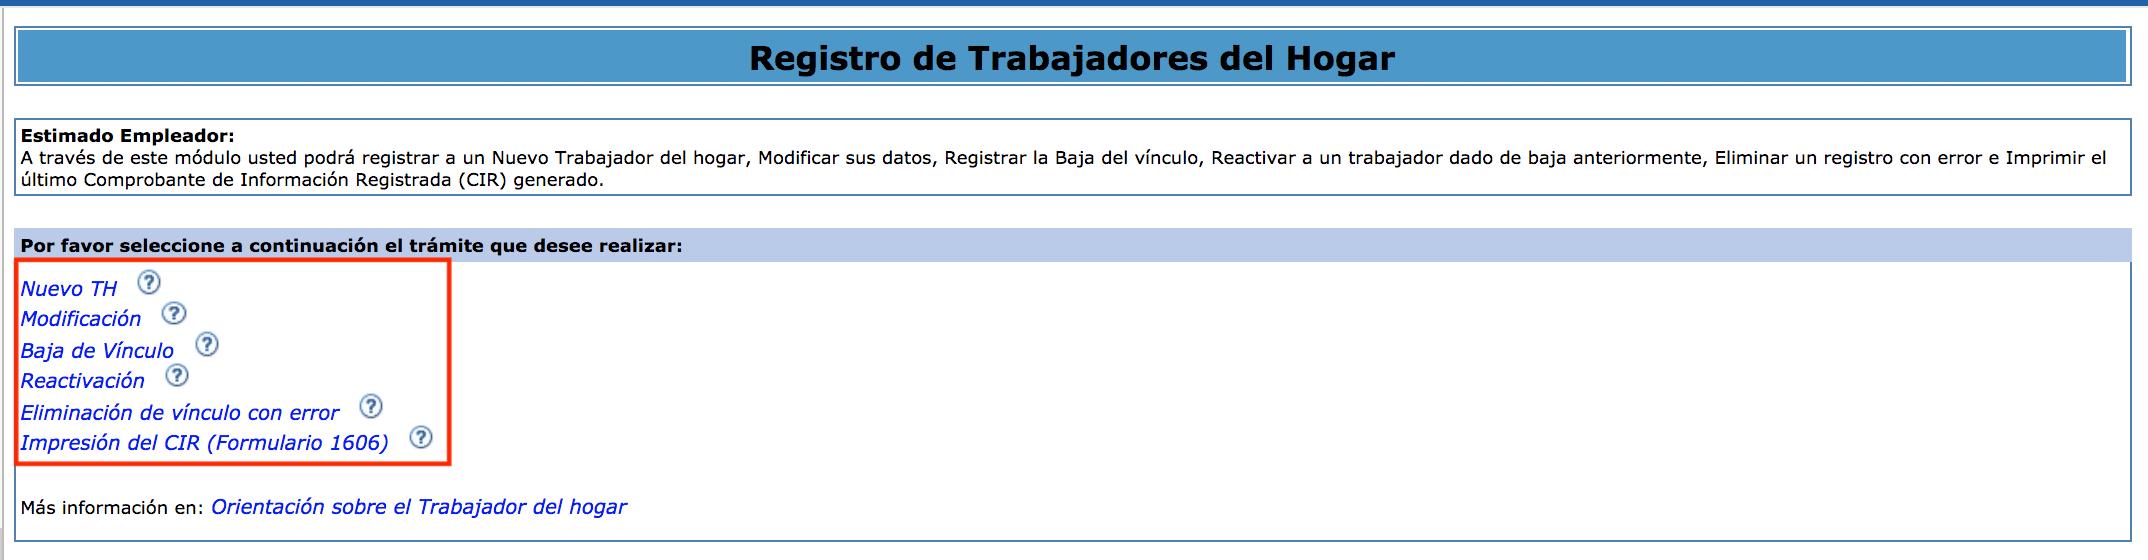 Registro de Trabajadores del Hogar